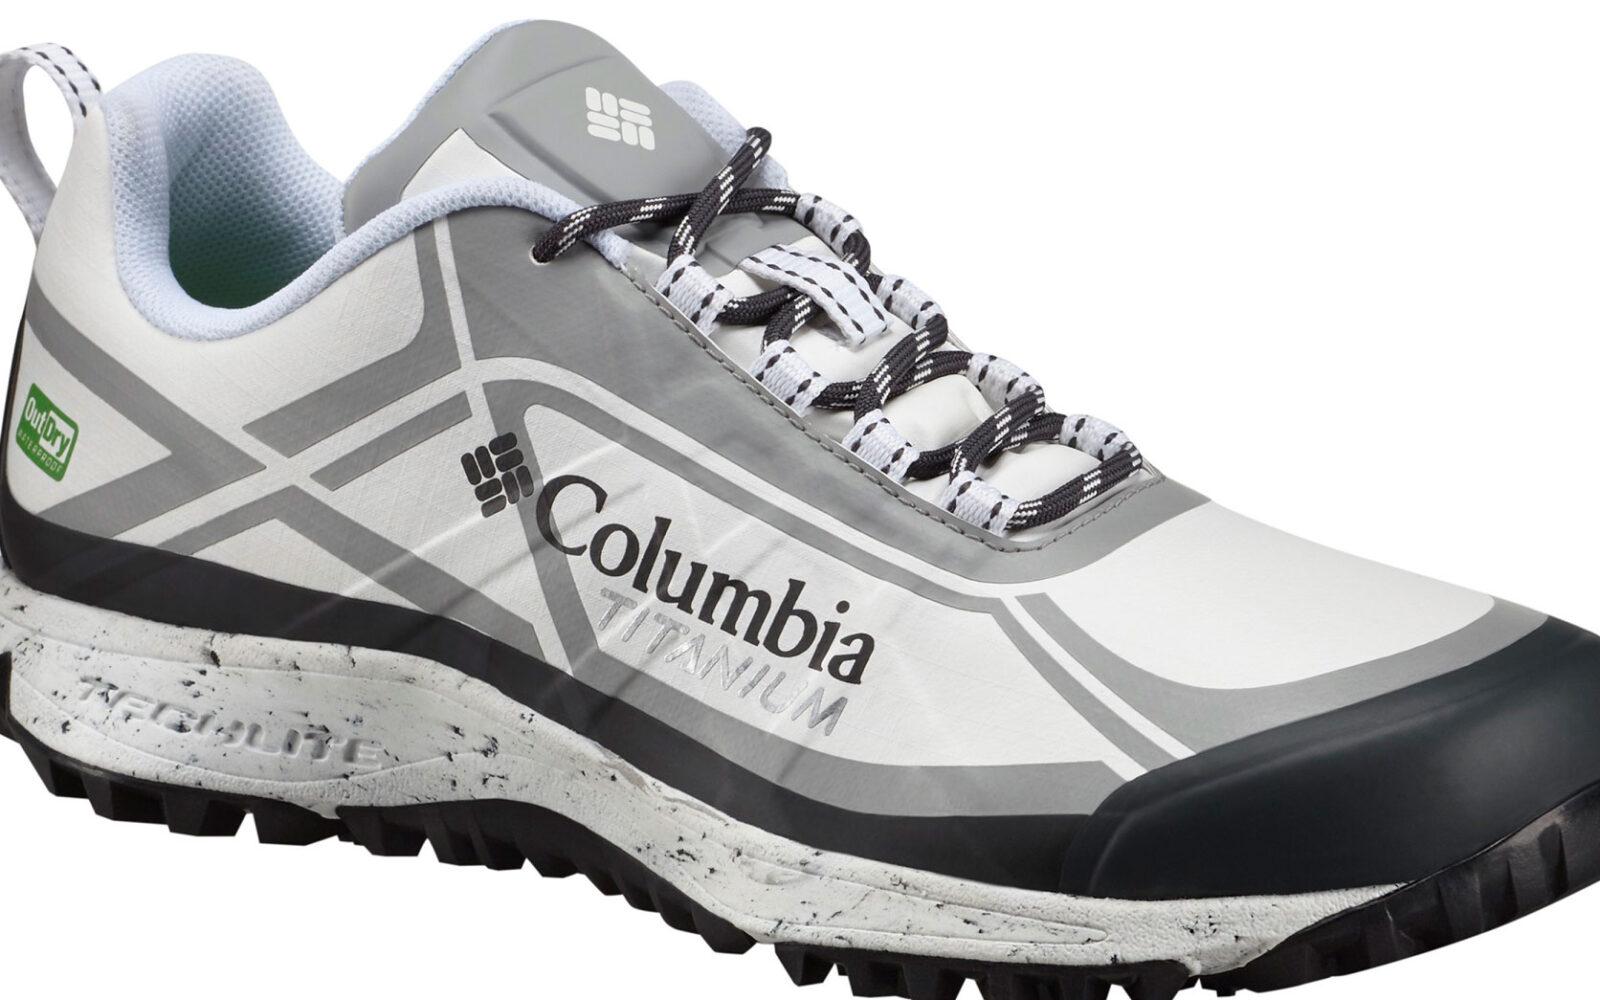 Columbia Conspiracy III Titanium Outrdy Extreme Eco, per il trail running, struttura impermeabile e traspirante, ammortizzazione e trazione elevata, realizzata con materiali riciclati e sistemi produttivi rispettosi dell'ambiente. Euro 149,99.